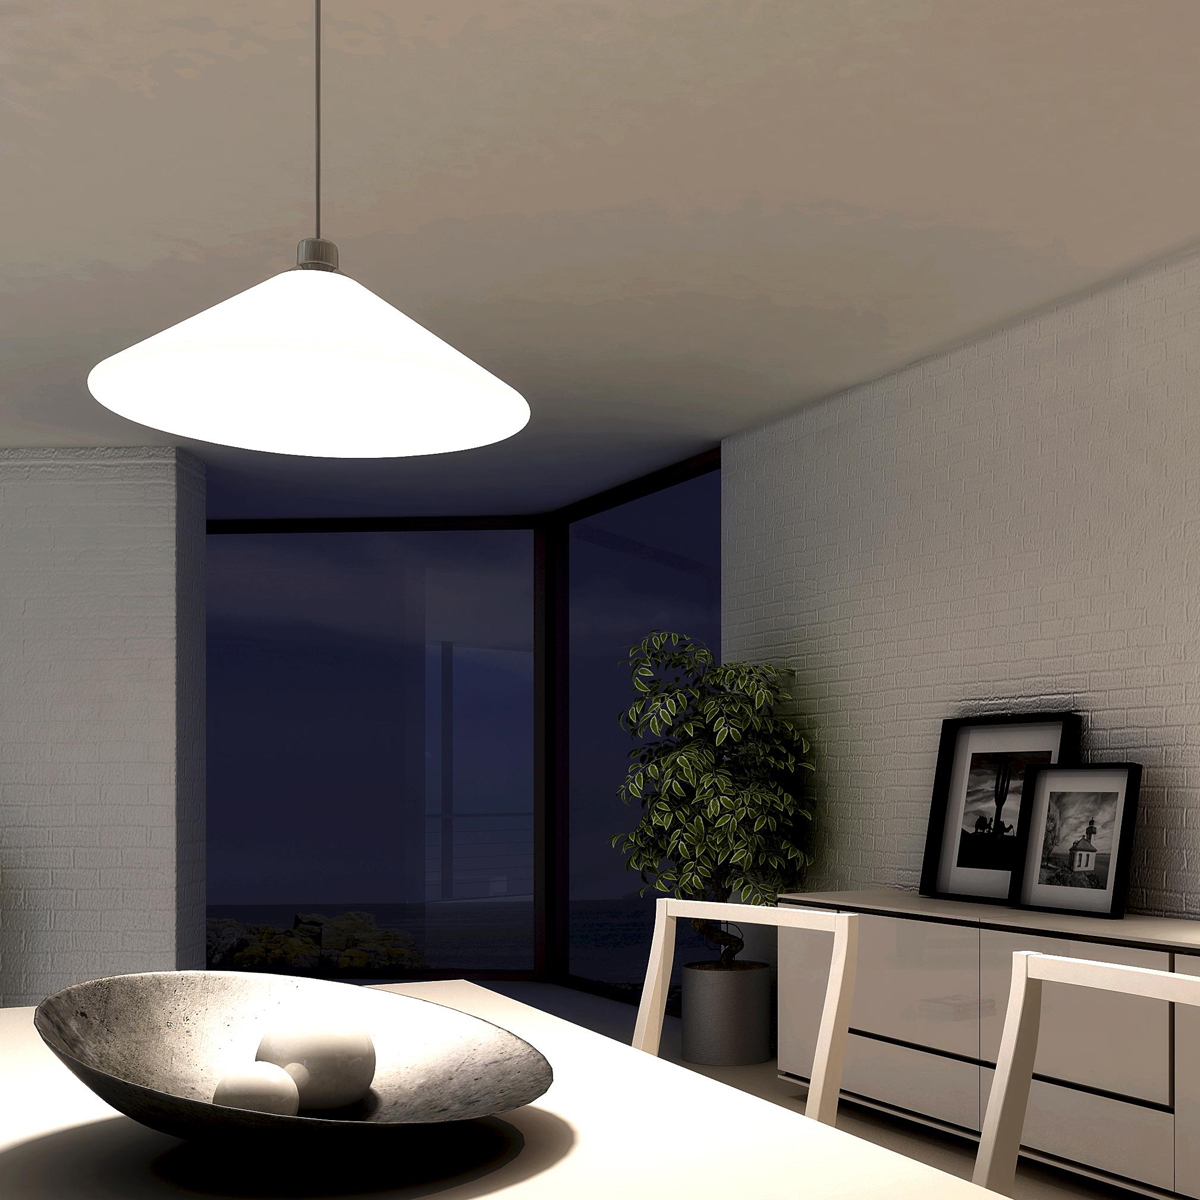 milan rimbo pendelleuchte. Black Bedroom Furniture Sets. Home Design Ideas